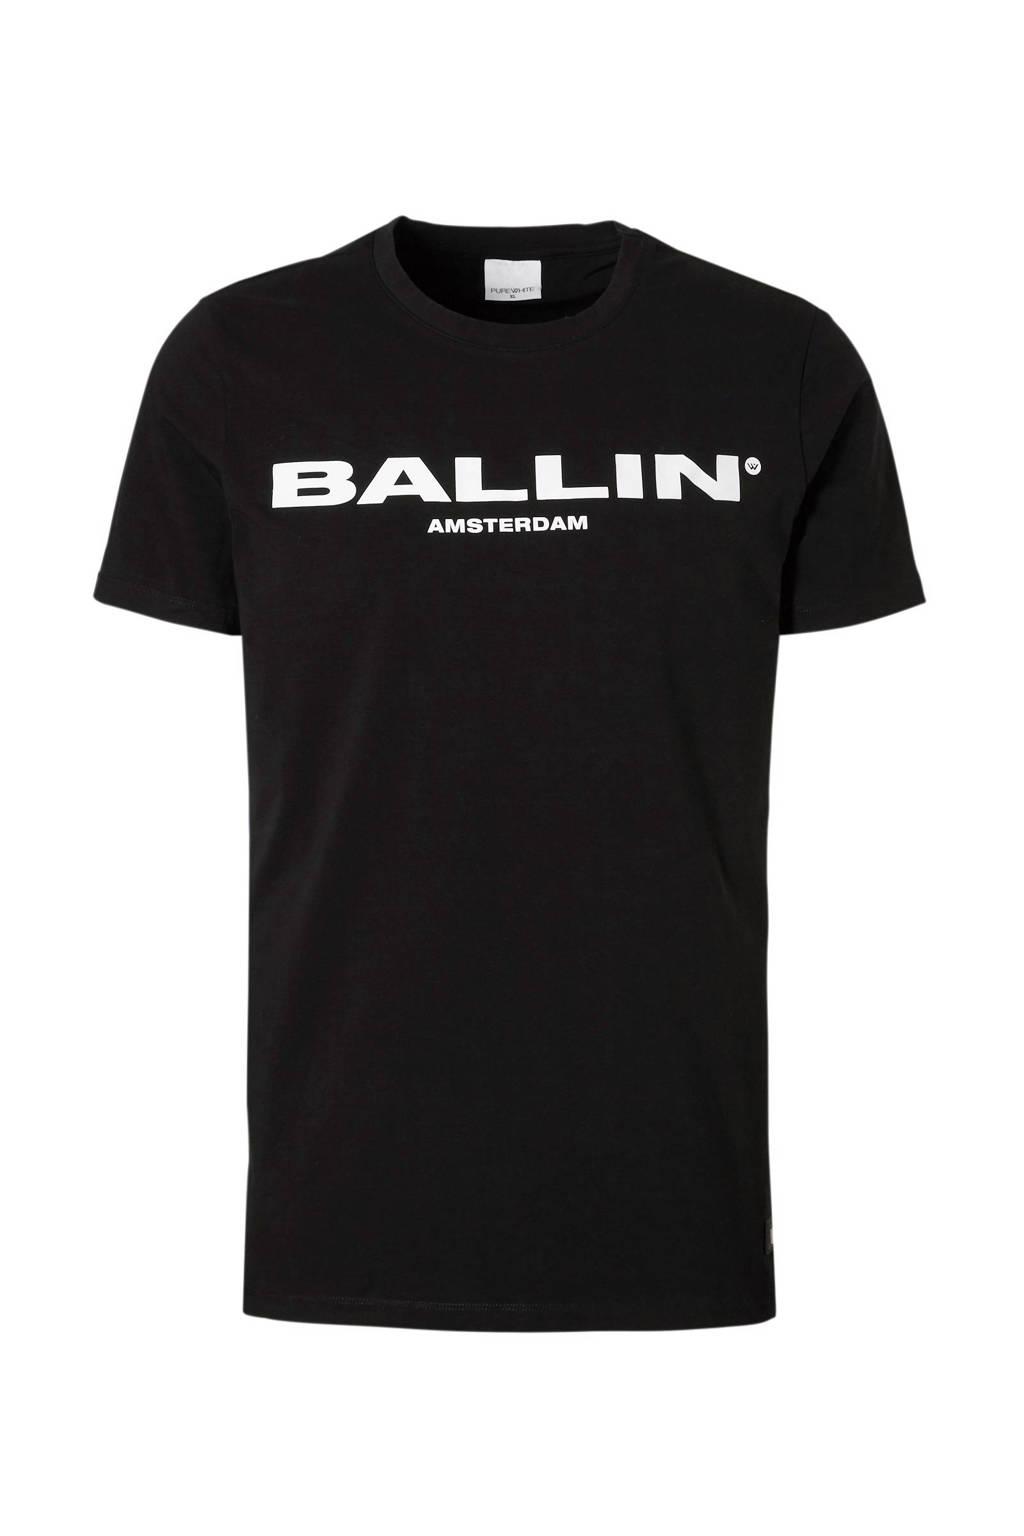 Ballin by Purewhite t-shirt Ballin Original, Zwart/wit